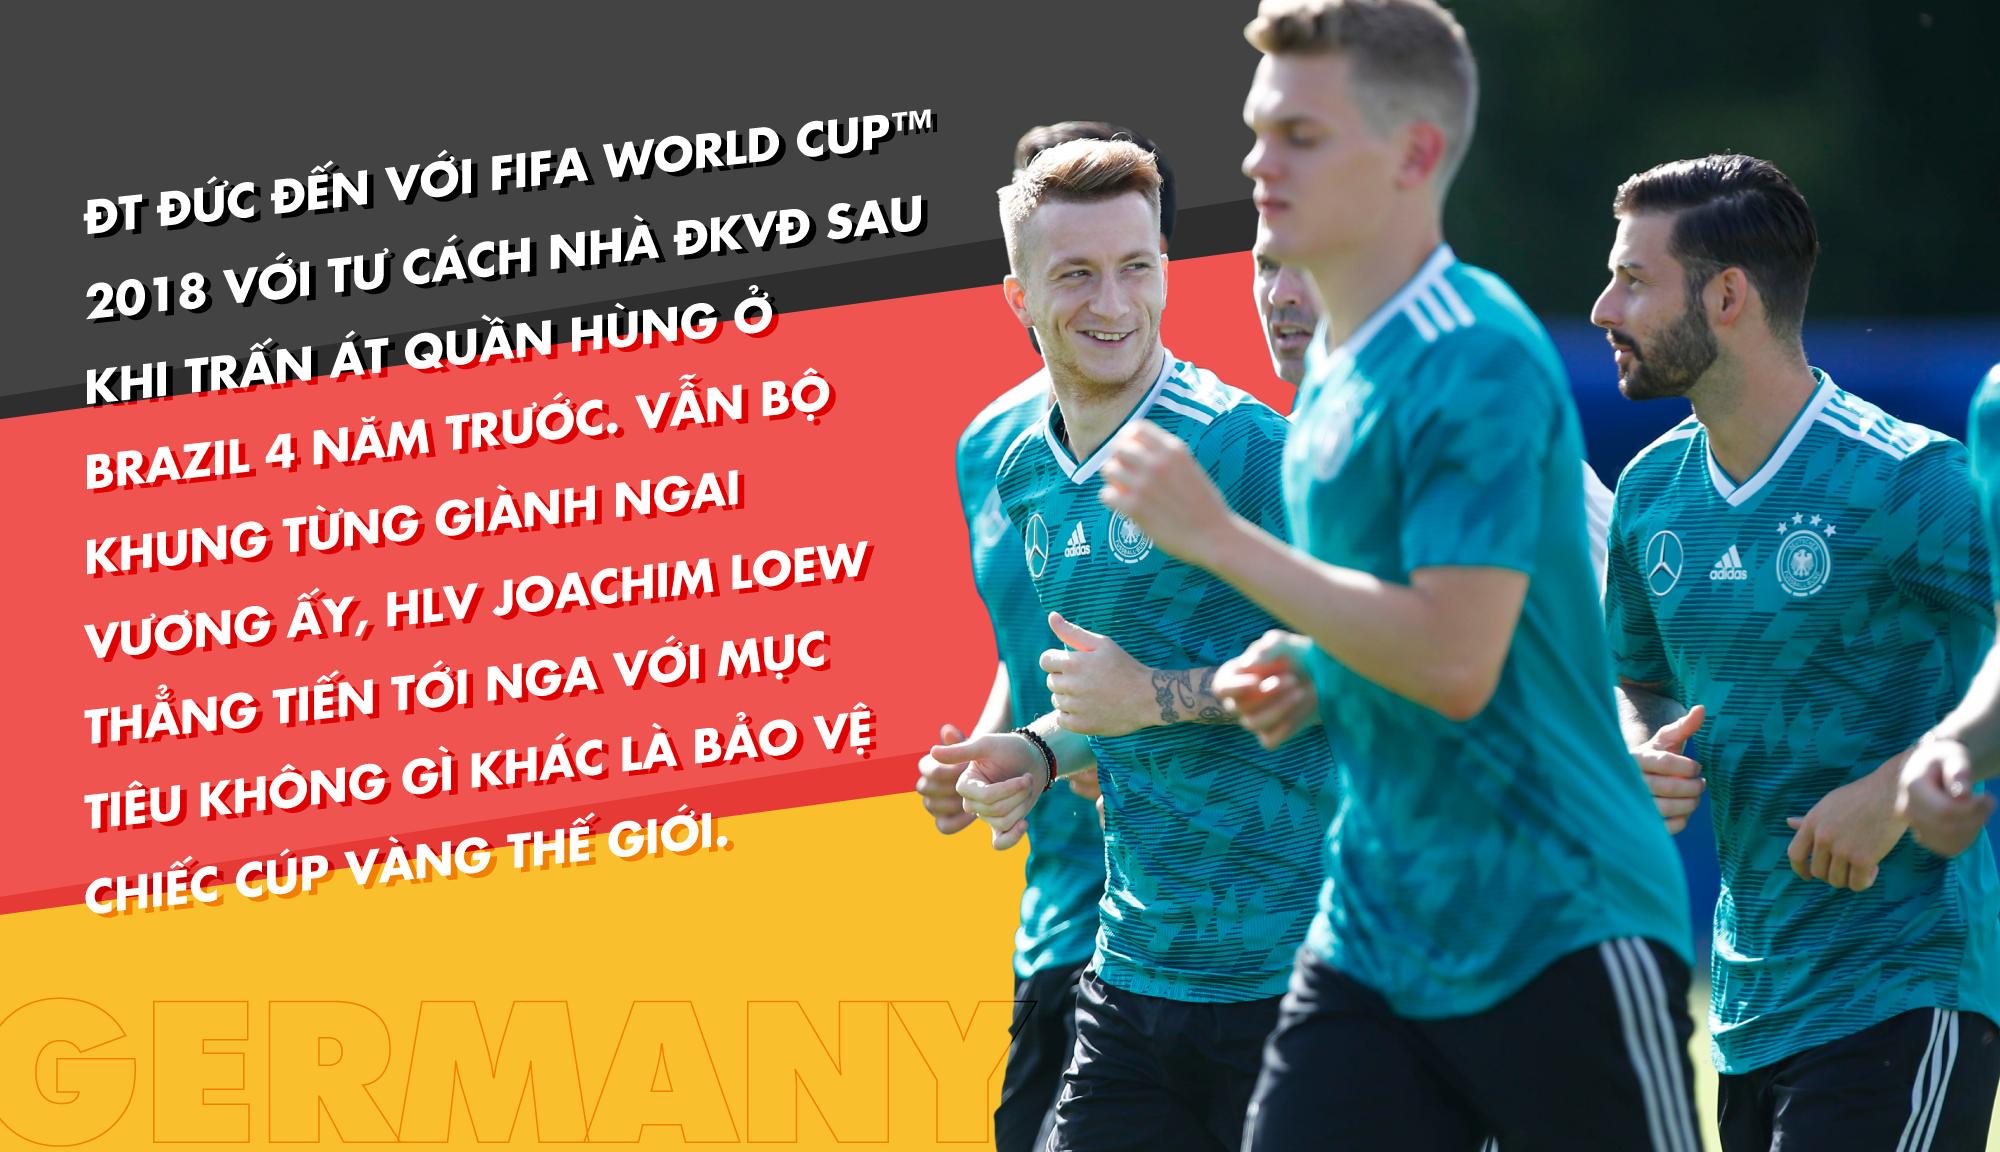 """[MAGAZINE] Những màn THOÁT HiỂM """"vỡ tim"""" và những cơn ĐỊA CHẤN động trời tại FIFA World Cup™ 2018 - Ảnh 2."""